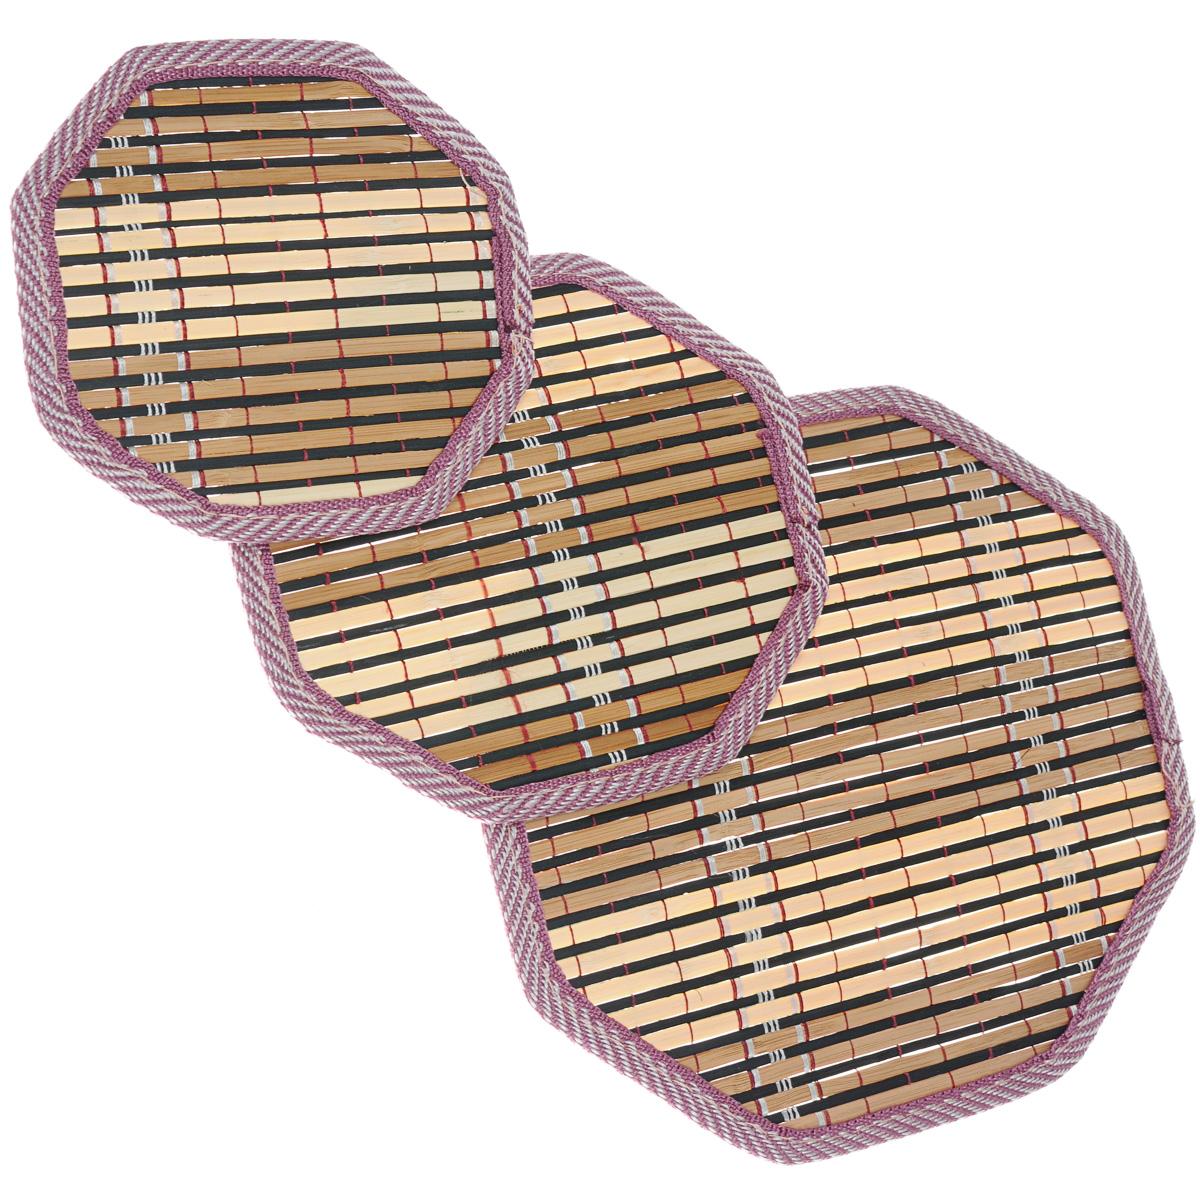 Набор салфеток под горячее Dommix, цвет: коричневый, 3 штOW045Набор Dommix, состоящий из 3 бамбуковых салфеток под горячее, идеально впишется в интерьер современной кухни. Салфетки из бамбука не впитывают запахи, легко моются, не деформируются при длительном использовании. Бамбук обладает антибактериальными и водоотталкивающими свойствами. Также имеют высокую прочность.Каждая хозяйка знает, что салфетка под горячее - это незаменимый и очень полезный аксессуар на каждой кухне. Ваш стол будет не только украшен оригинальной салфеткой, но и сбережен от воздействия высоких температур ваших кулинарных шедевров. Размер маленькой салфетки: 15,5 см х 15 см х 0,2 см.Размер средней салфетки: 17,5 см х 18,5 см х 0,2 см.Размер большой салфетки: 24 см х 24,5 см х 0,2 см.